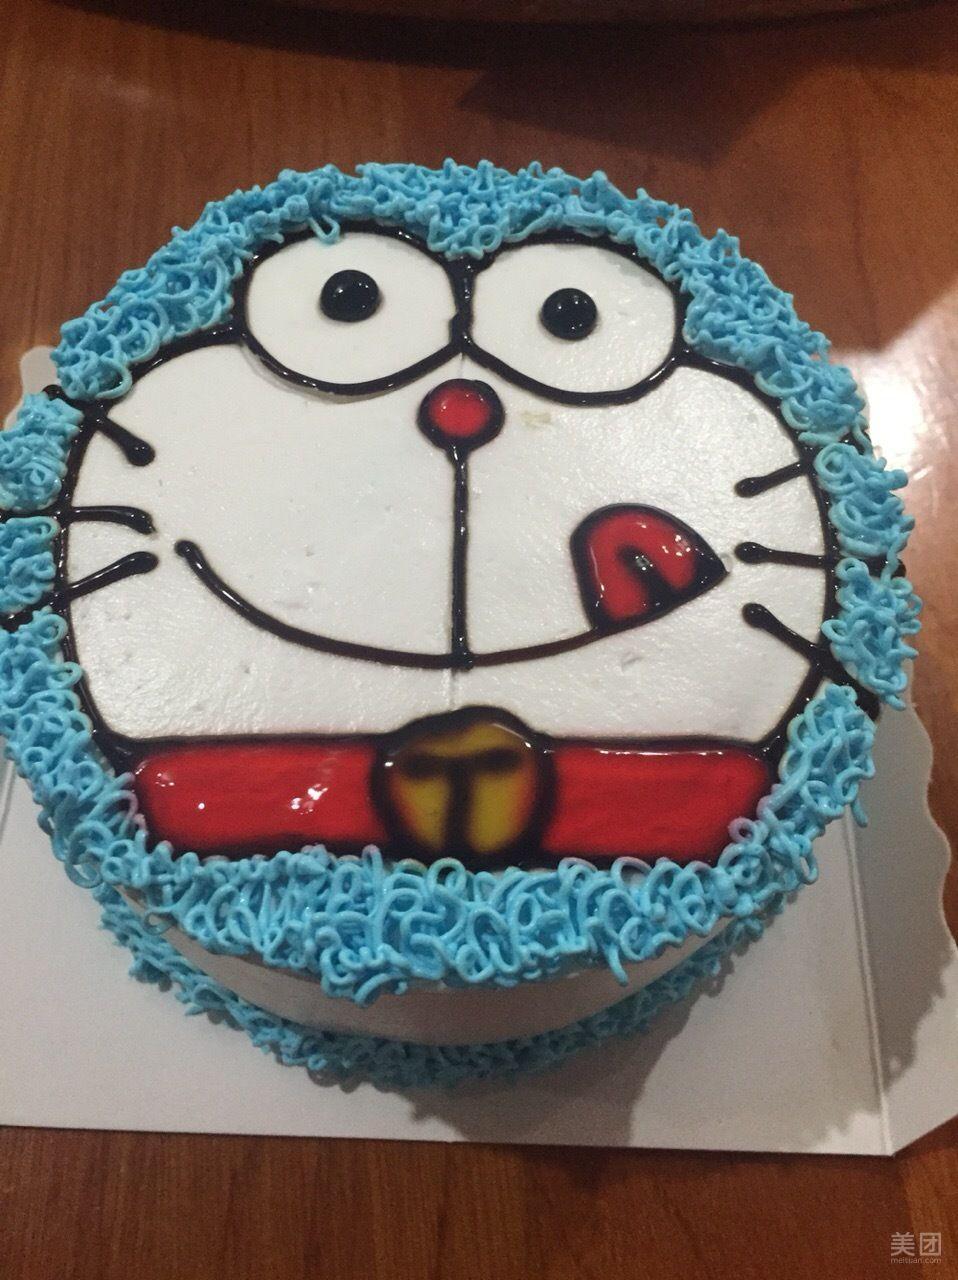 哆啦a梦蛋糕-普罗旺斯极致蛋糕-美团